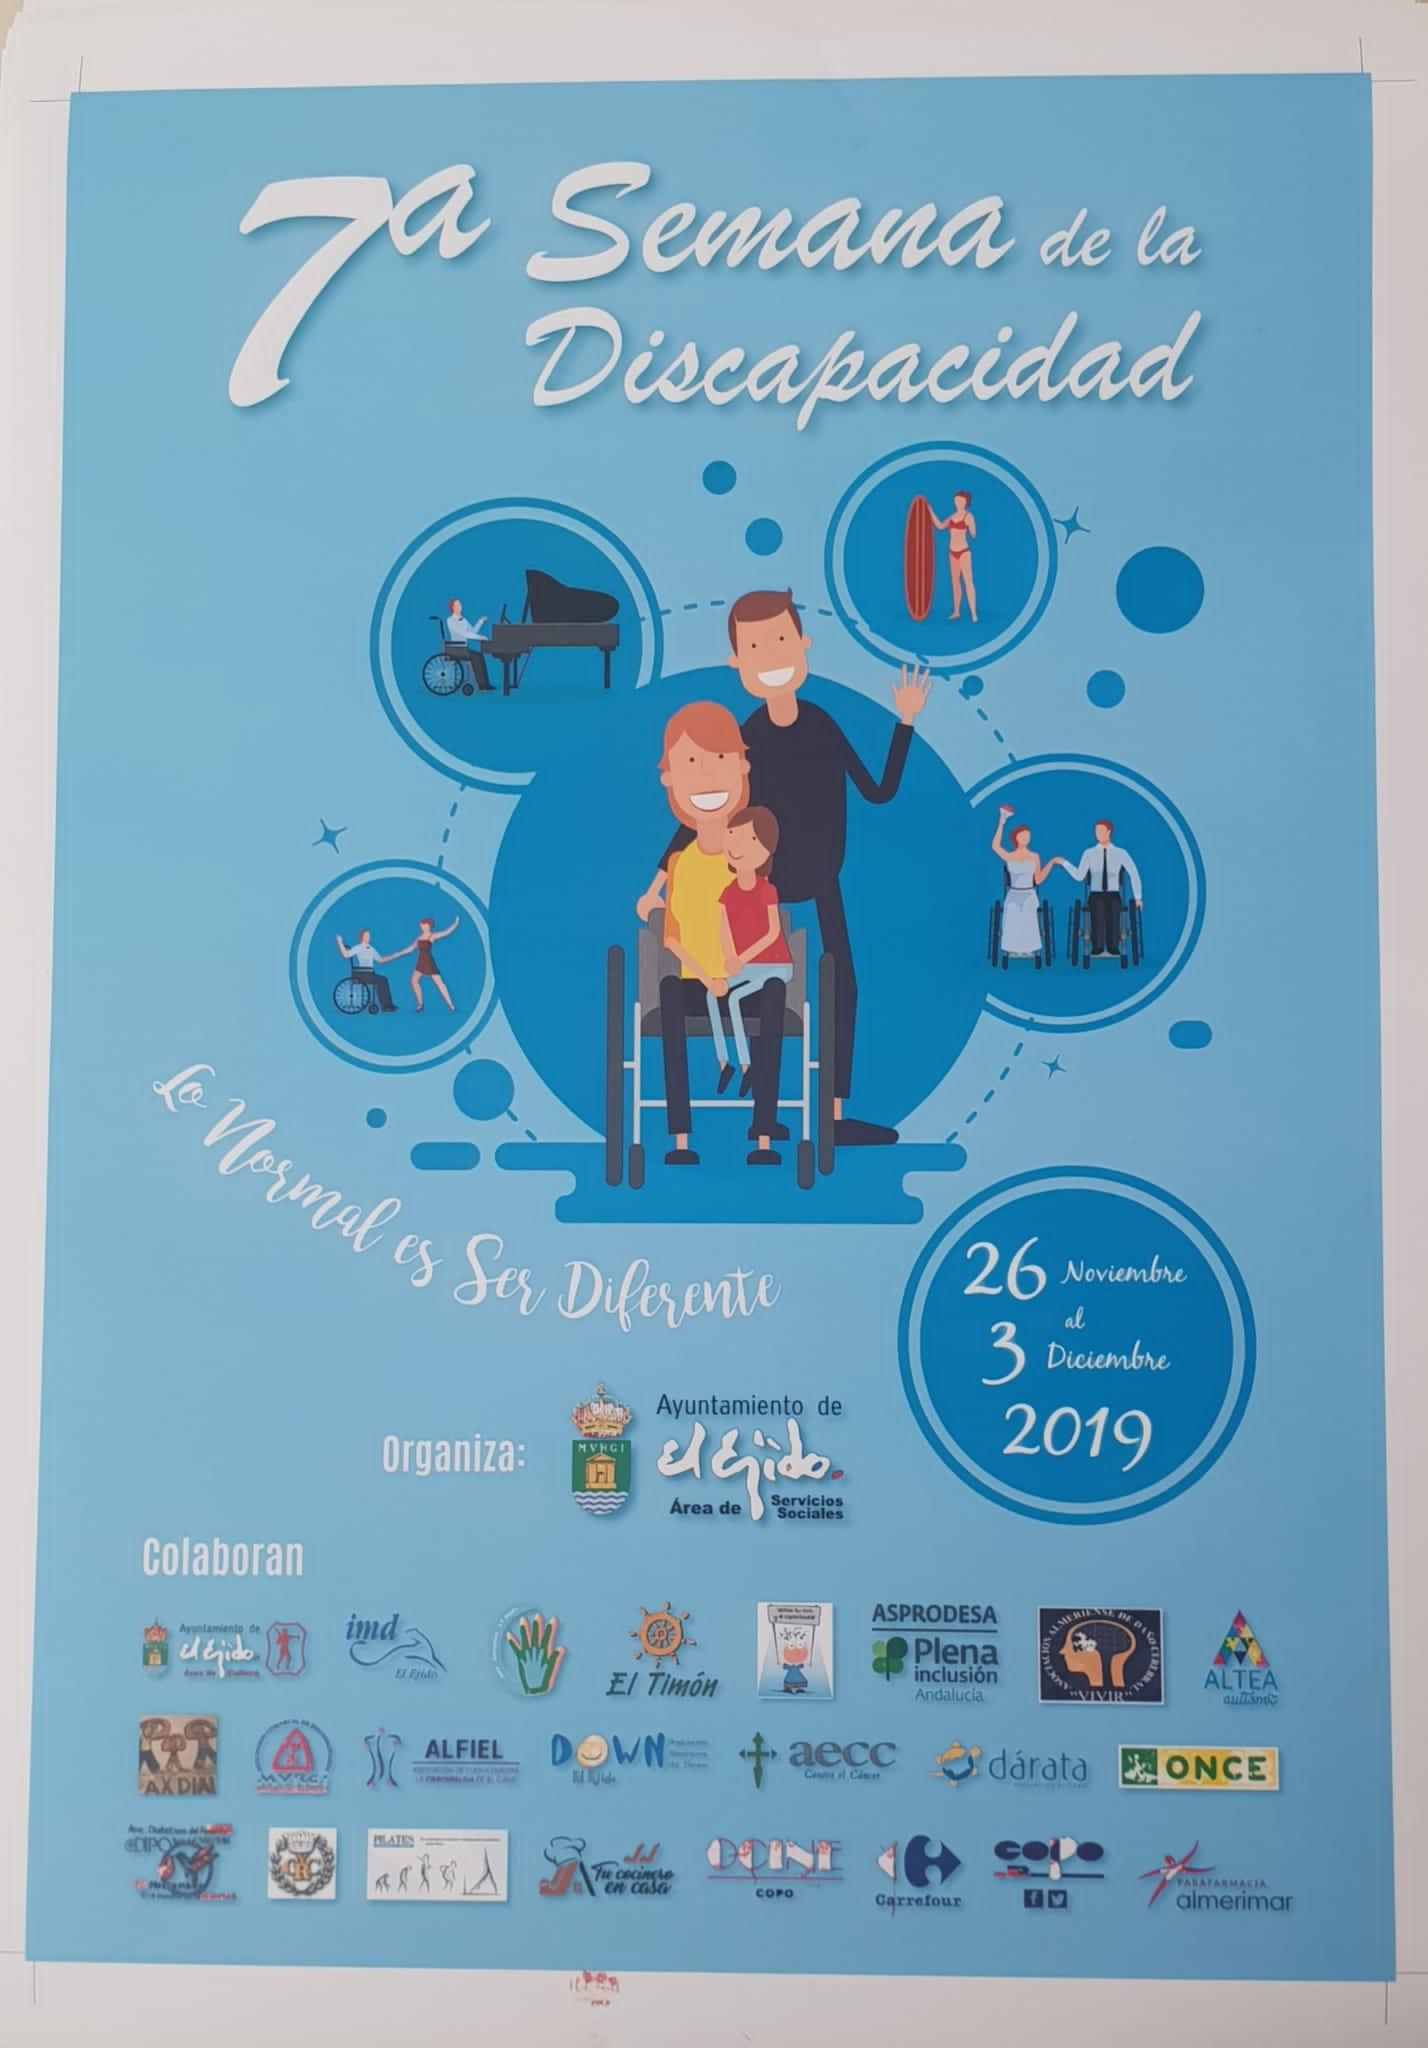 ALFIEL, participa en la 7ª Semana de la Discapacidad de El Ejido. «Lo normal es ser diferente»